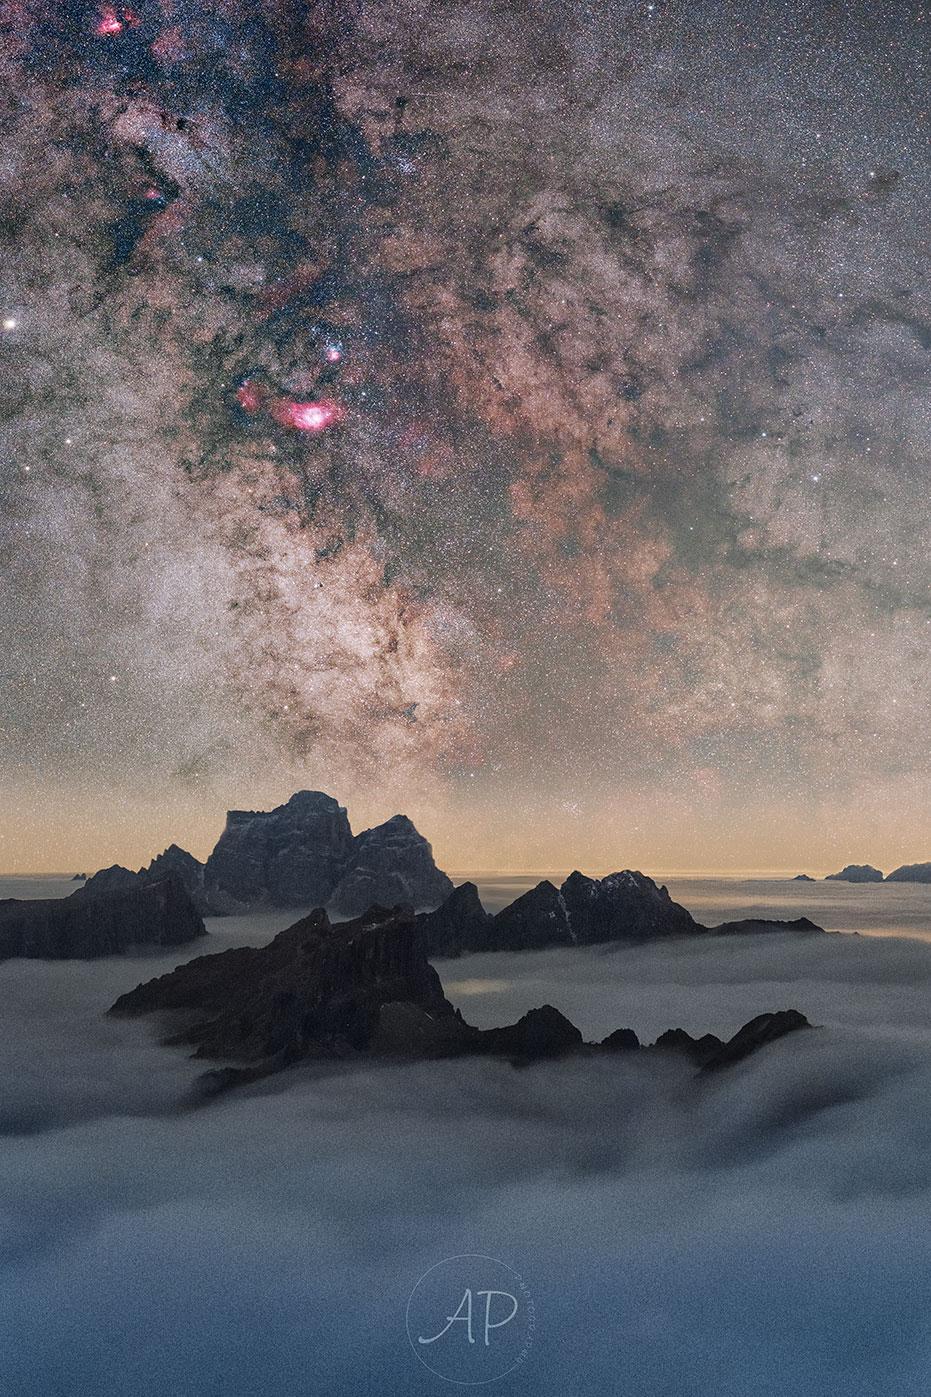 Nuages de la terre et du ciel